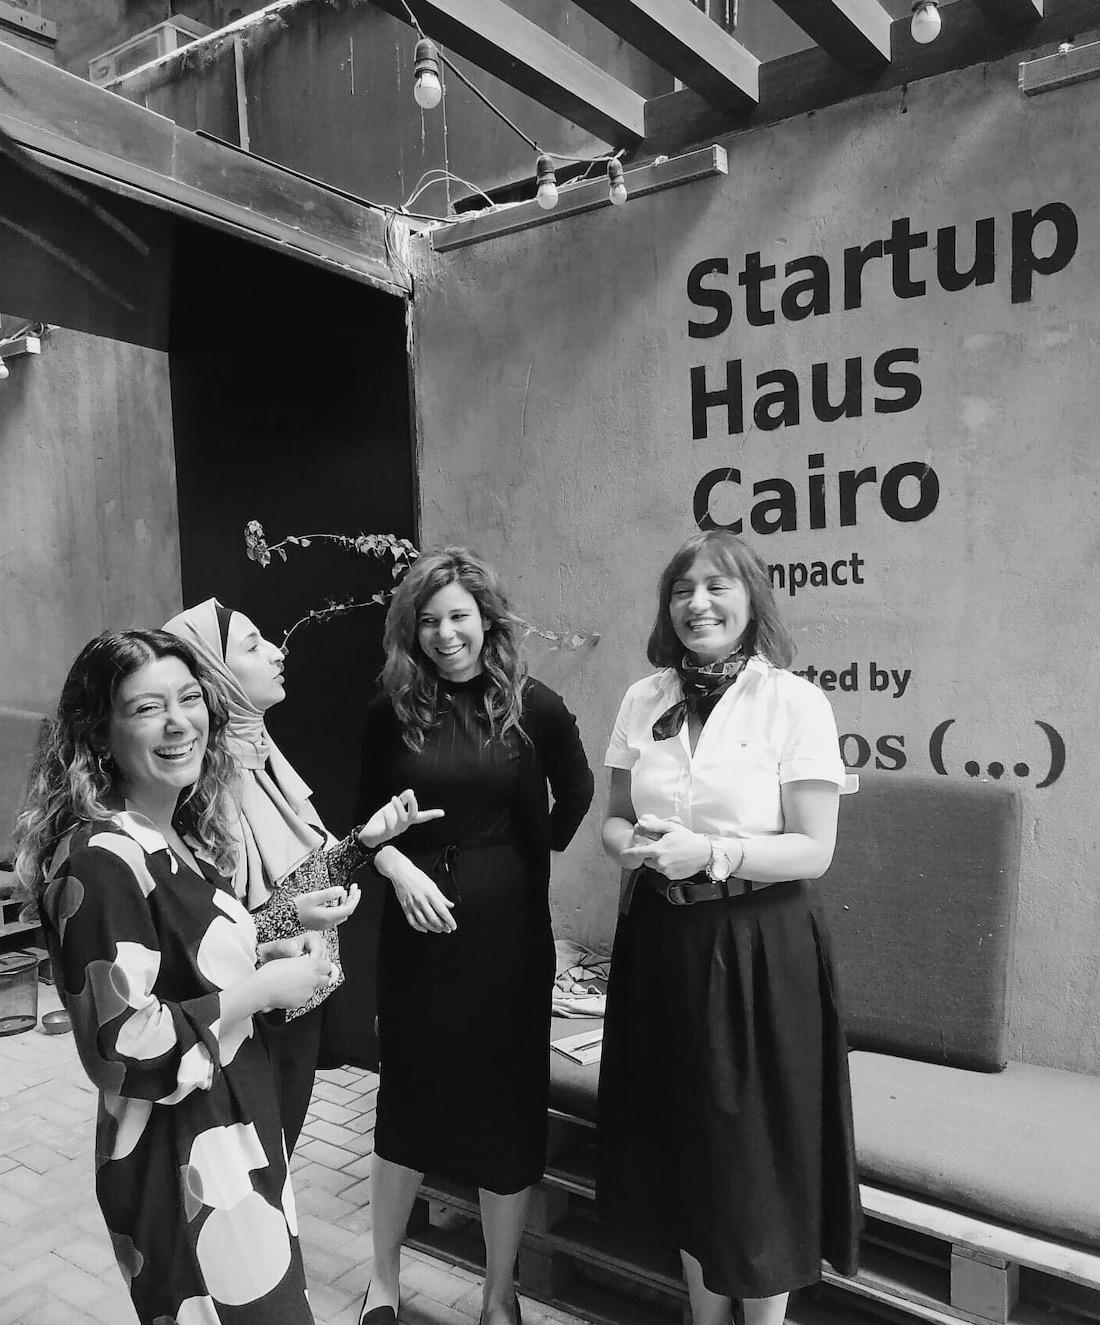 Kairo och She Entrepreneurs